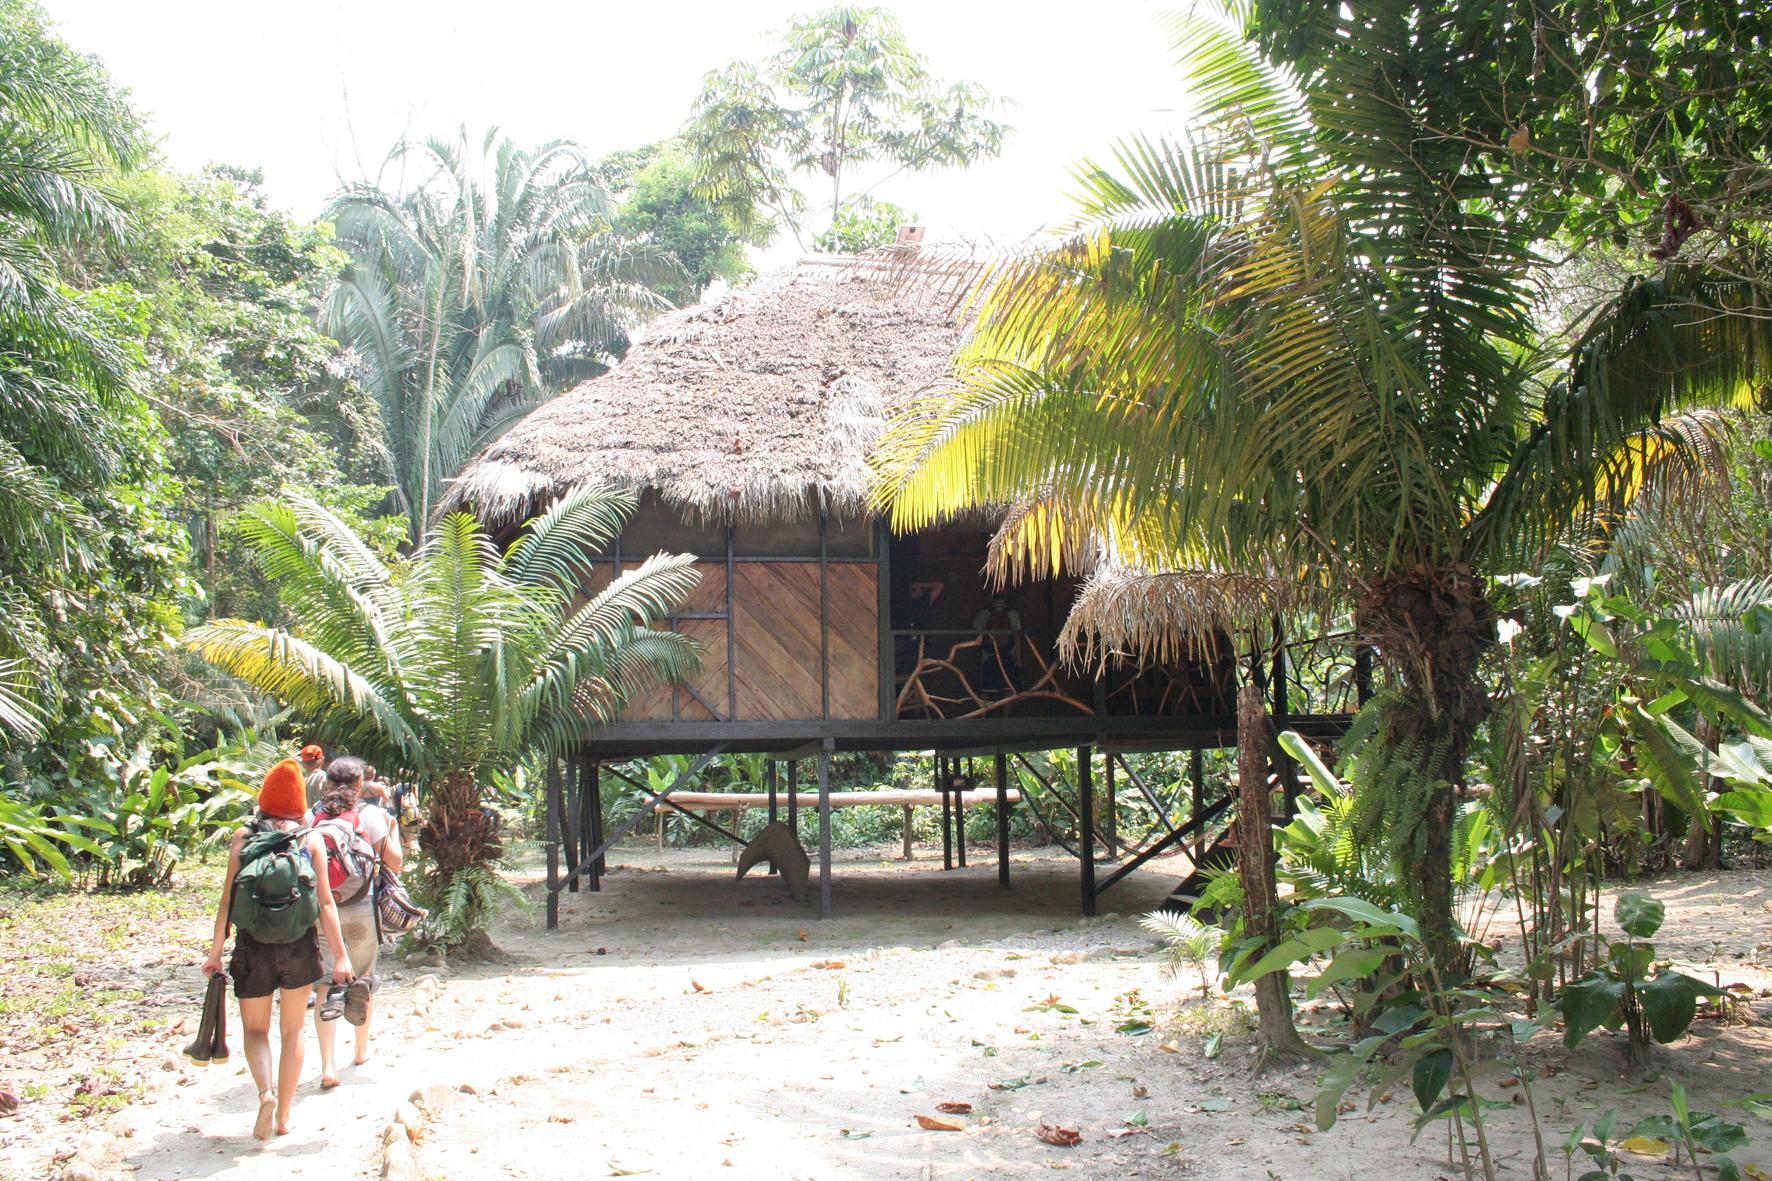 El Albergue Espanol Jungle Lodge